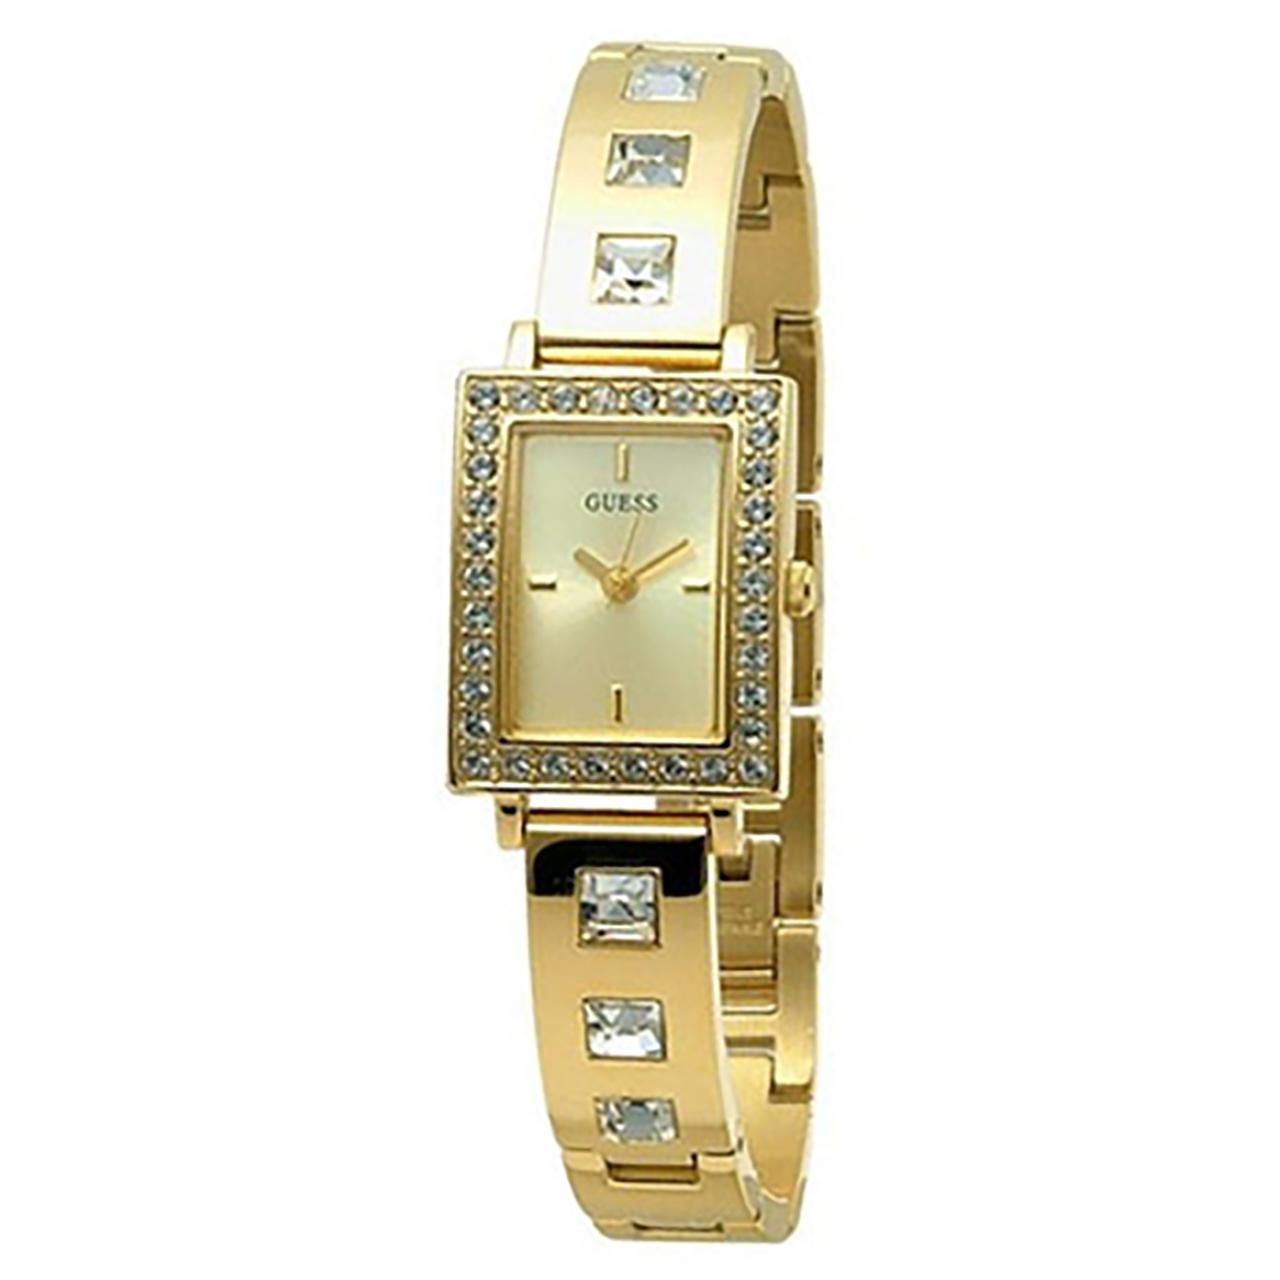 ساعت مچی عقربه ای زنانه گس مدل W10529L1